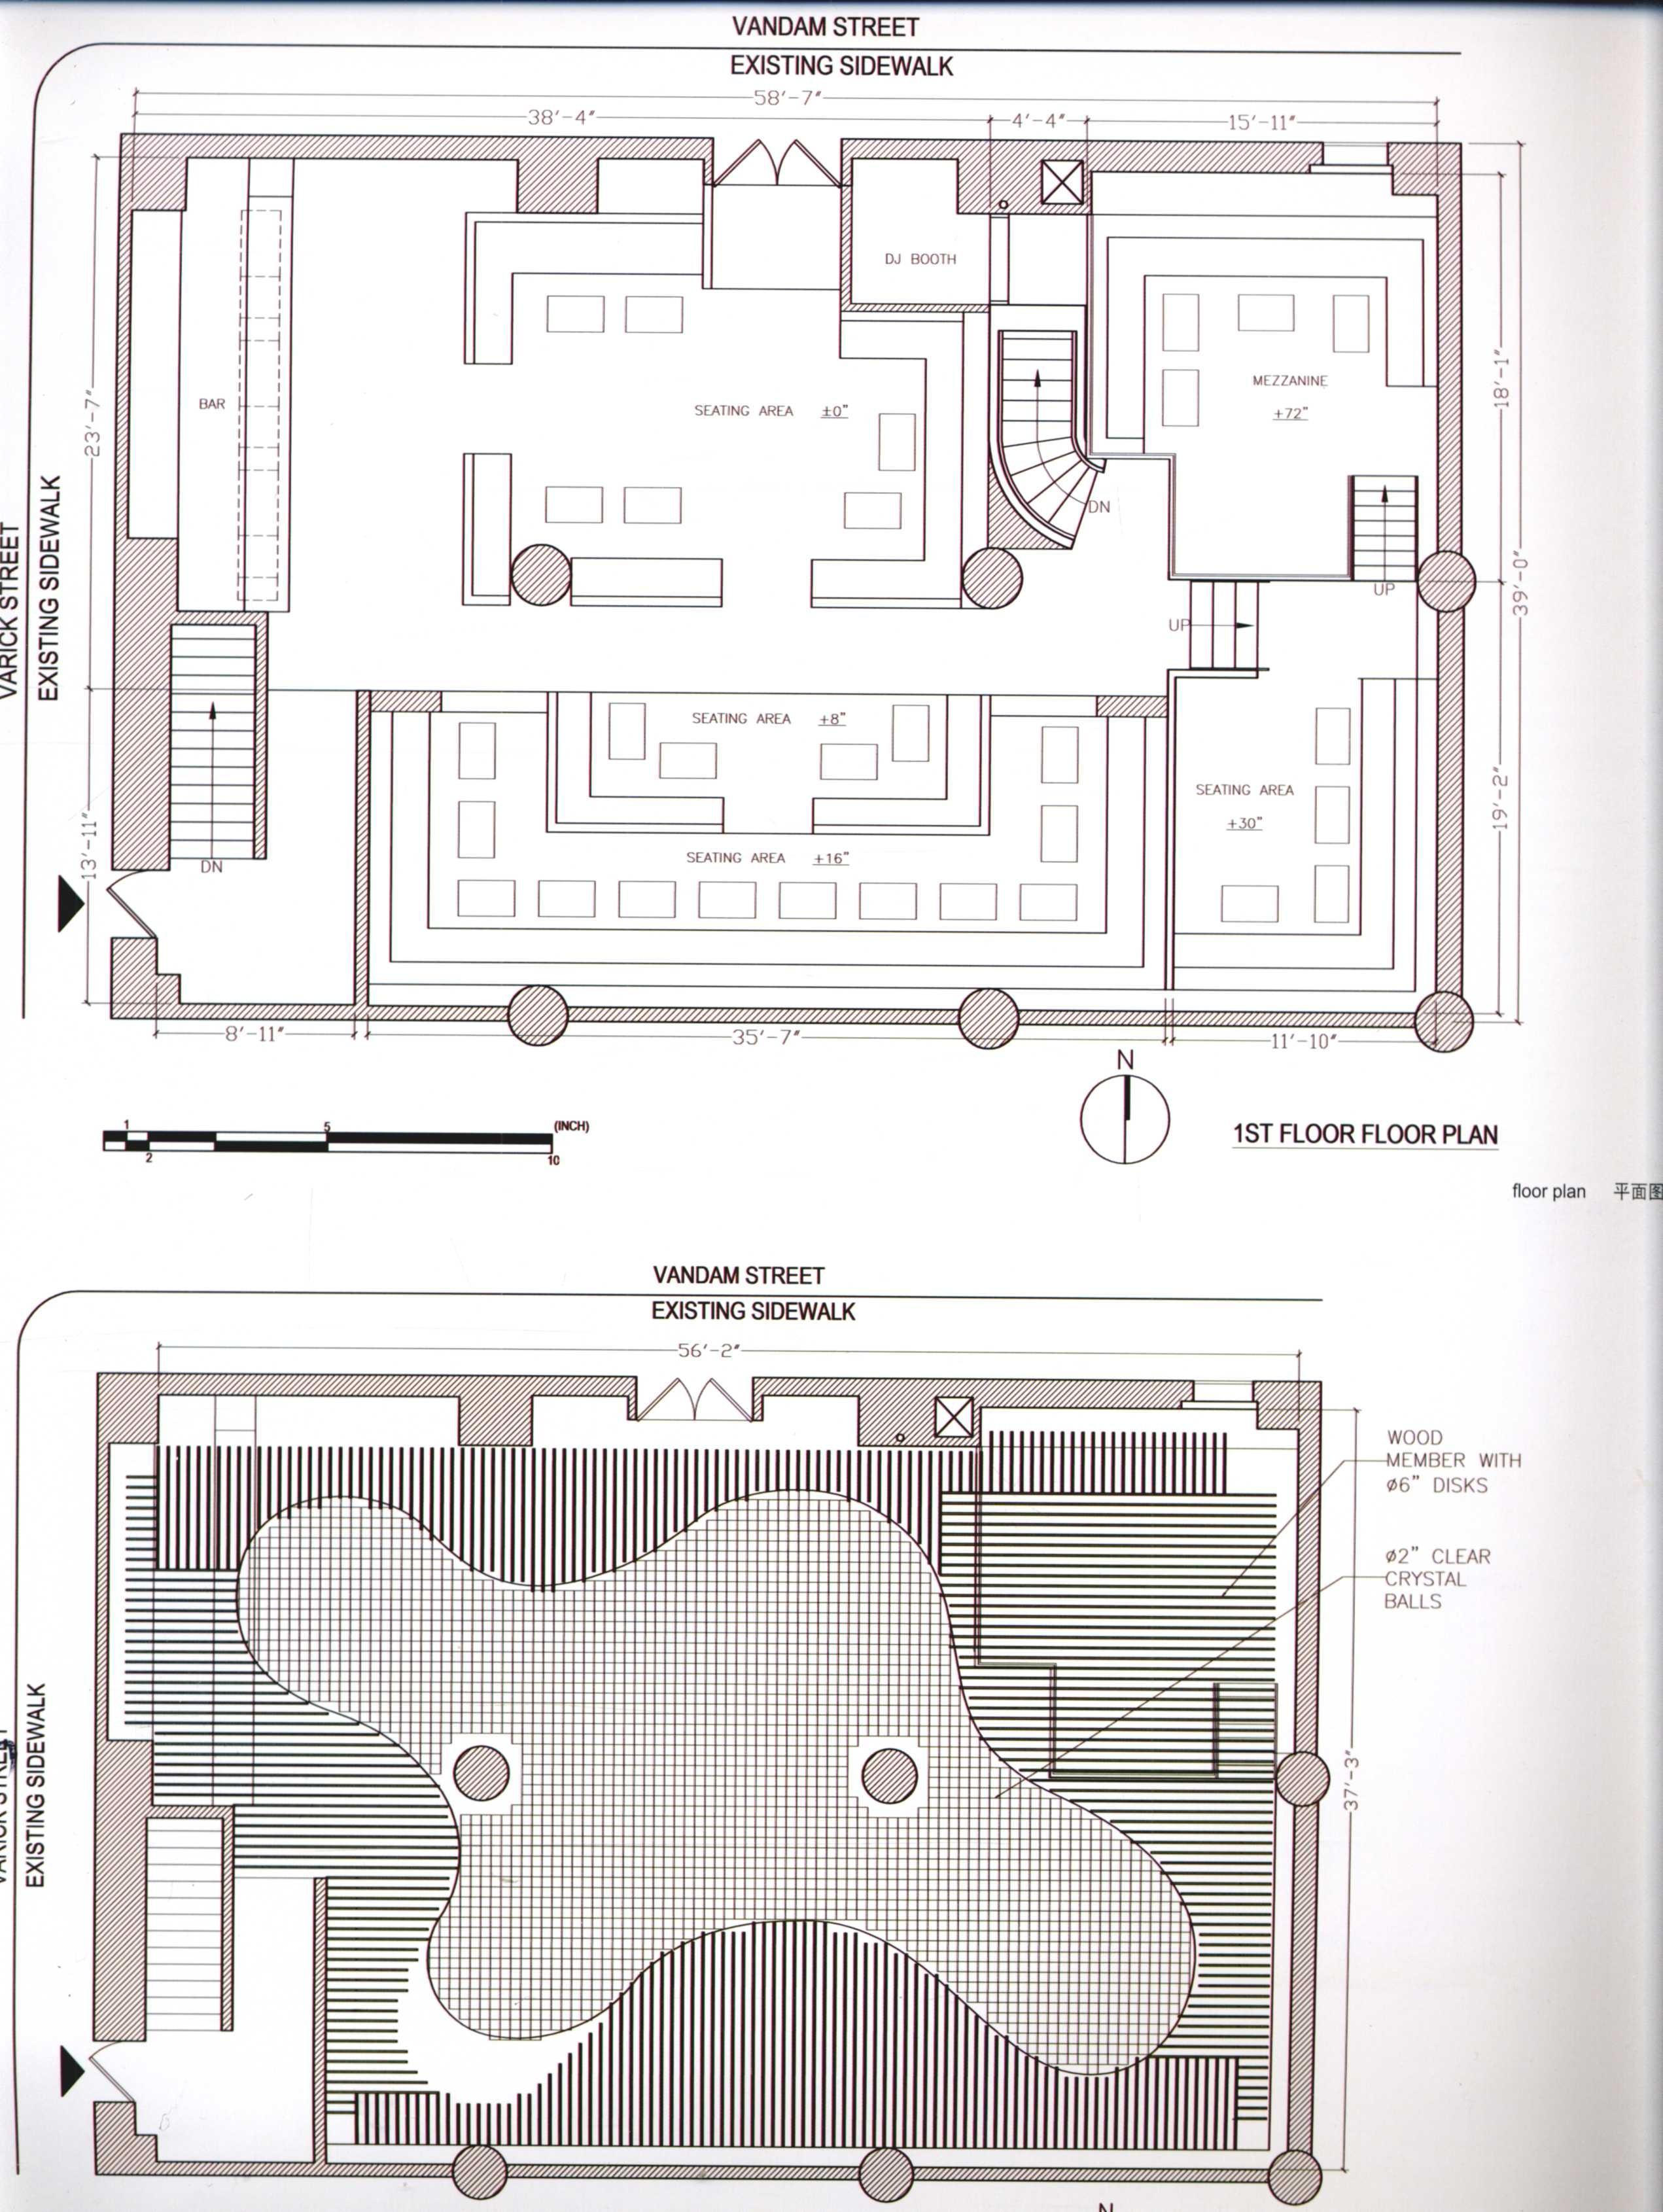 2012全球室内设计年鉴  餐饮_Page_037.jpg